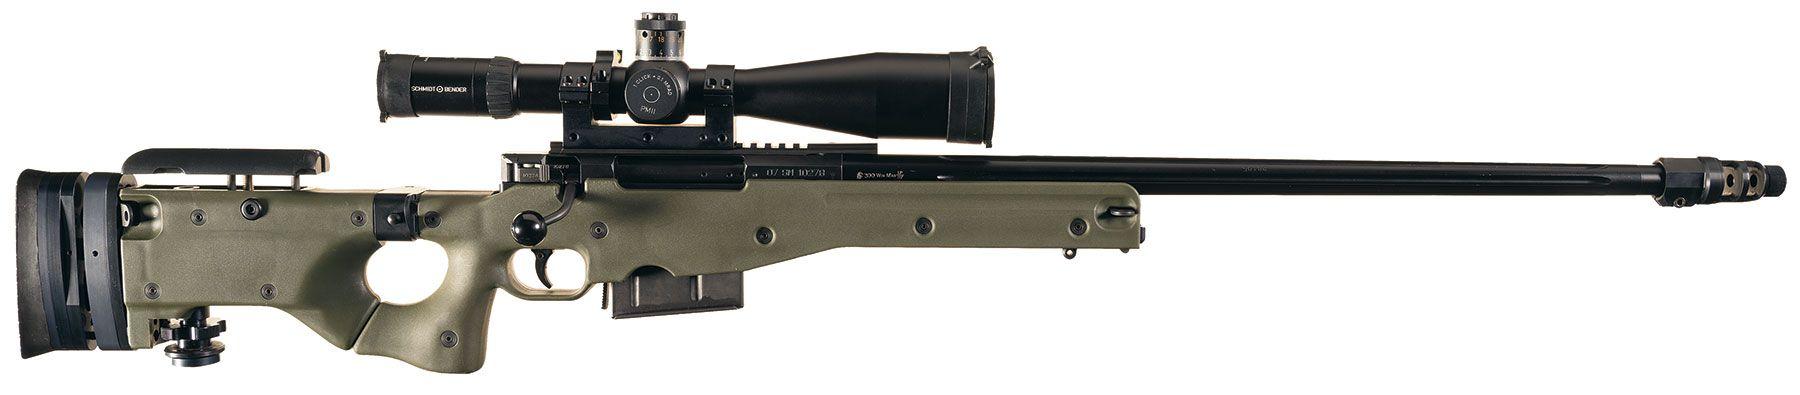 magnum sniper rifle - 1800×395